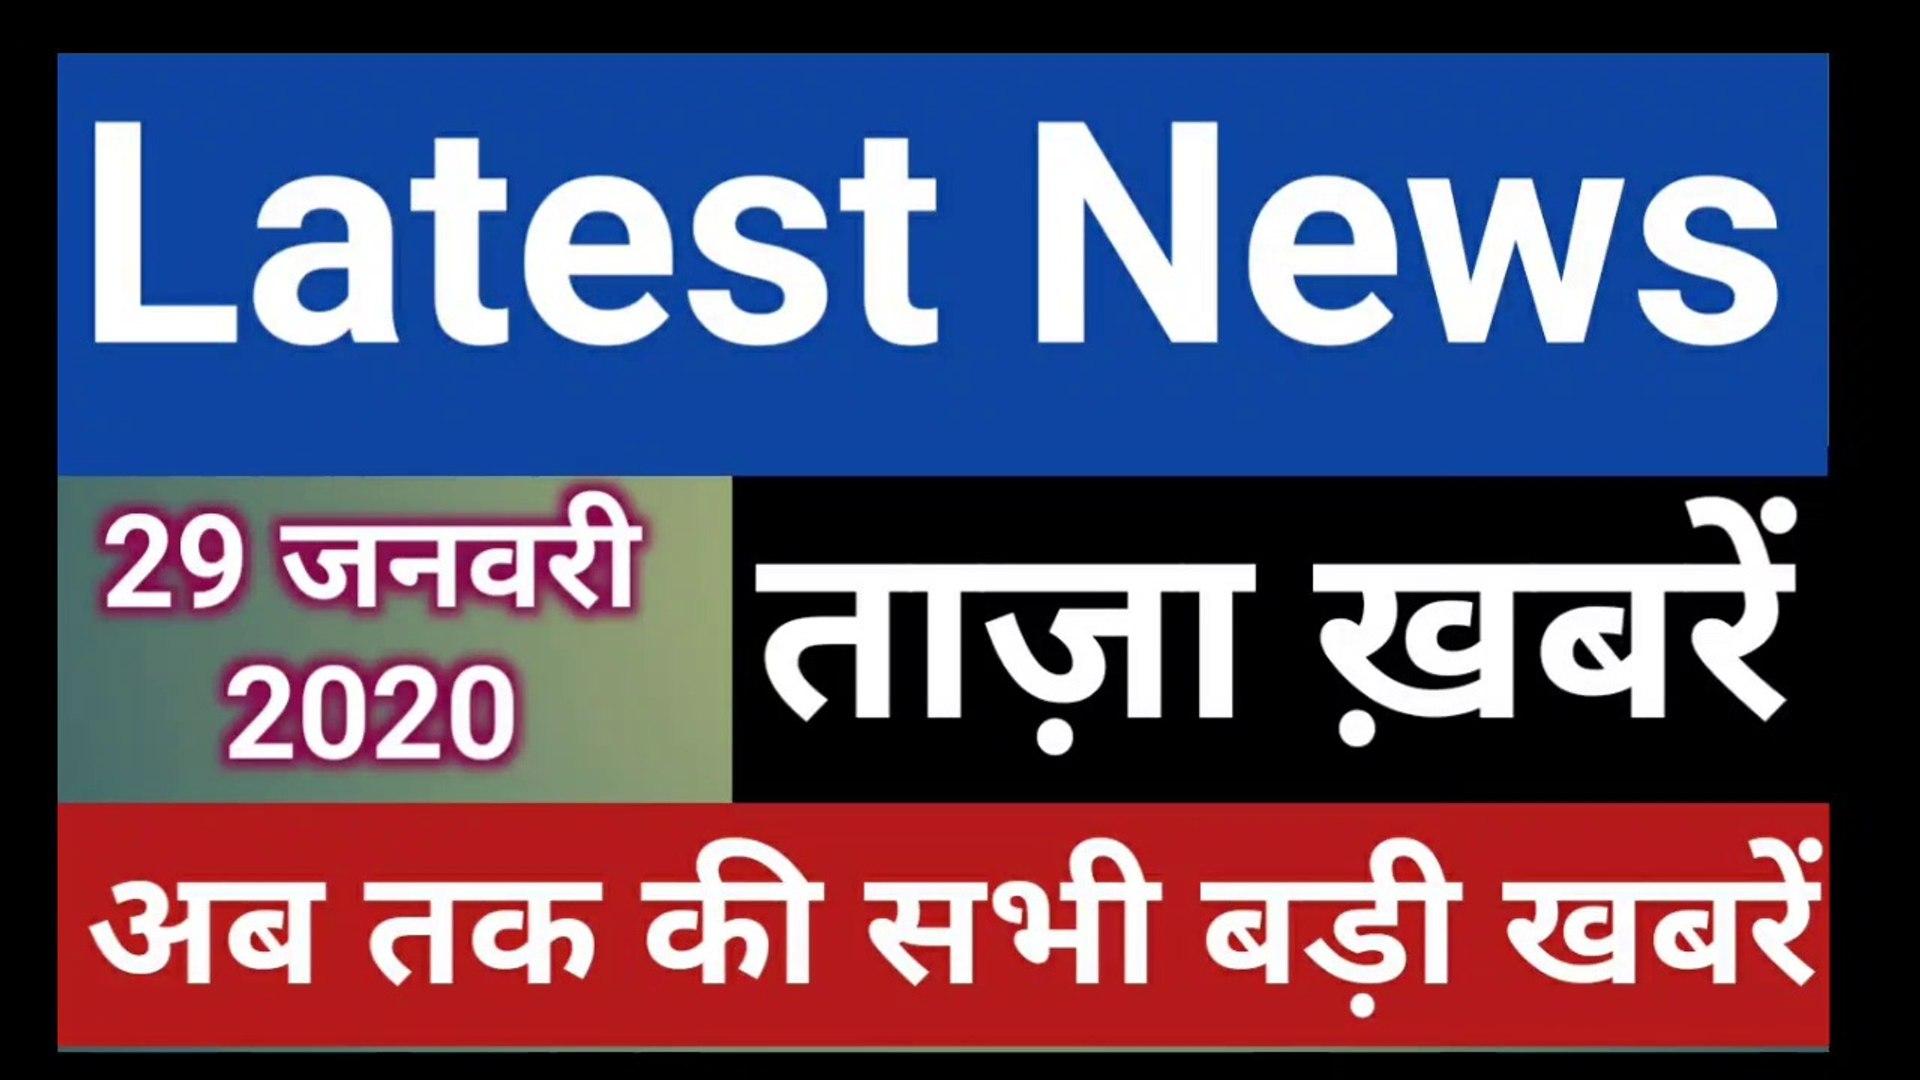 29 January 2020 : Morning News | Latest News Today |  Today News | Hindi News | India News